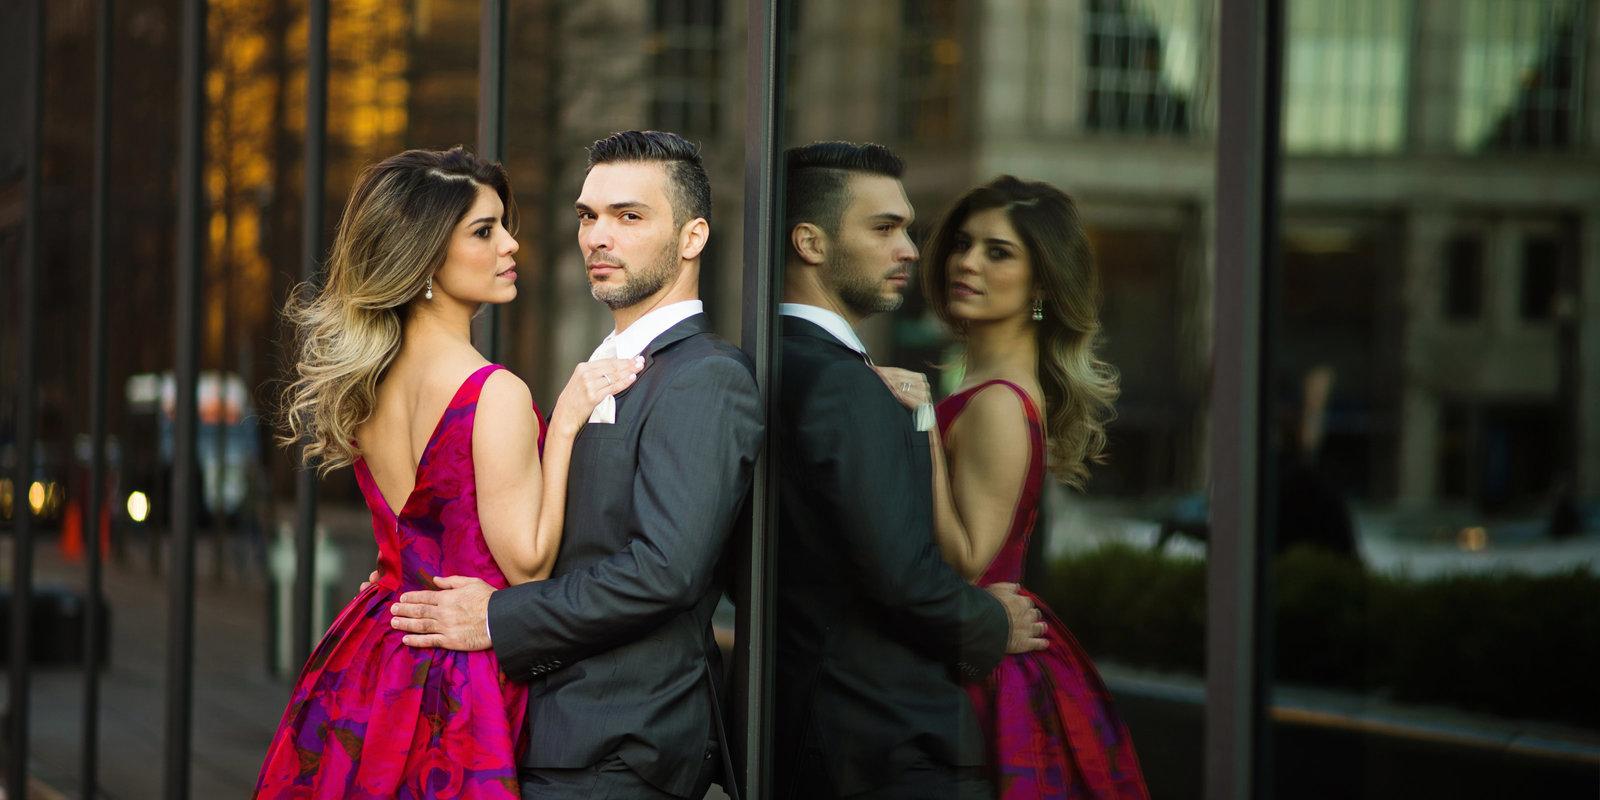 boston_saratoga_springs_engagement_wedding_photographers_015